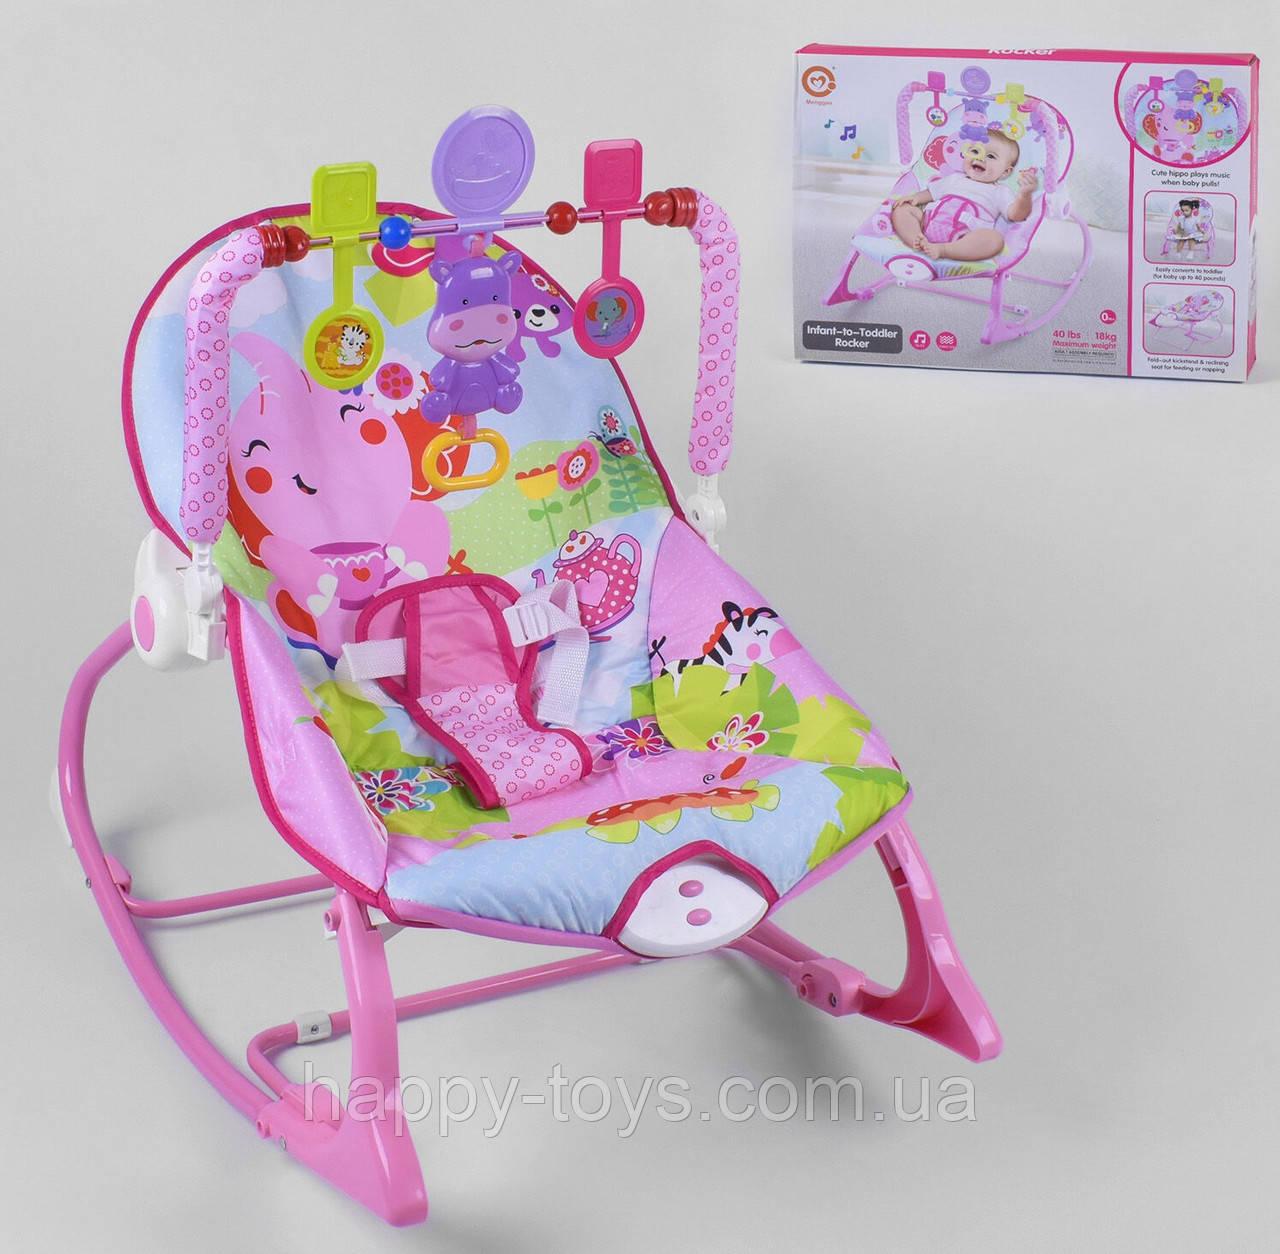 Детский шезлонг кресло качалка Розовый Слоник, музыкальный, вибрация 898-932